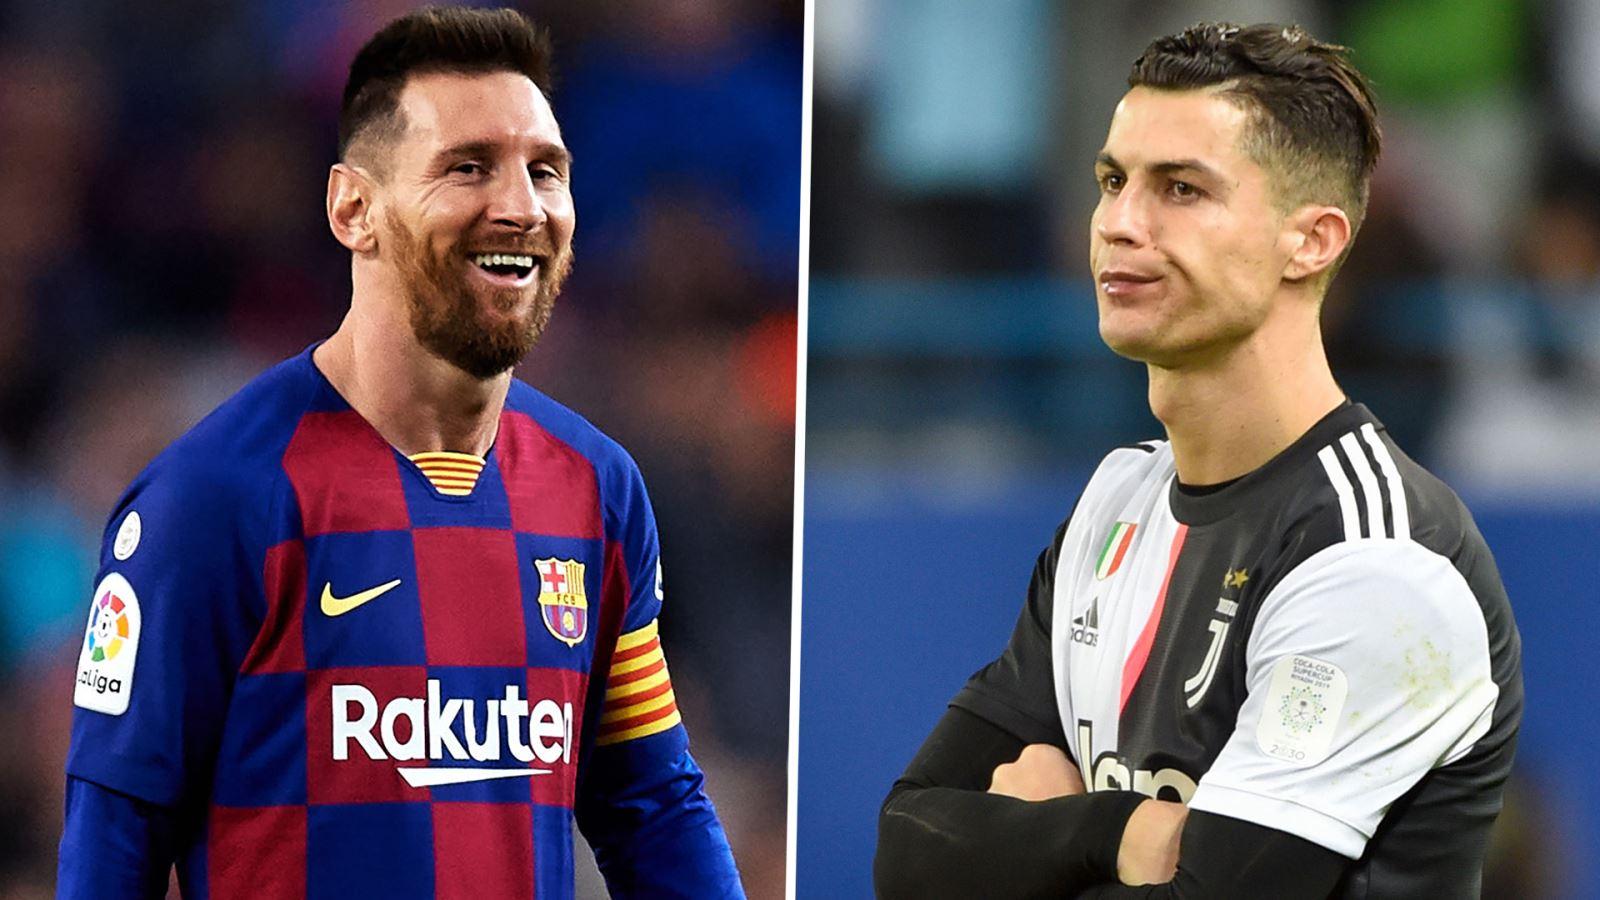 Đội hình 11 đồng đội xuất sắc nhất của Ronaldo và Messi